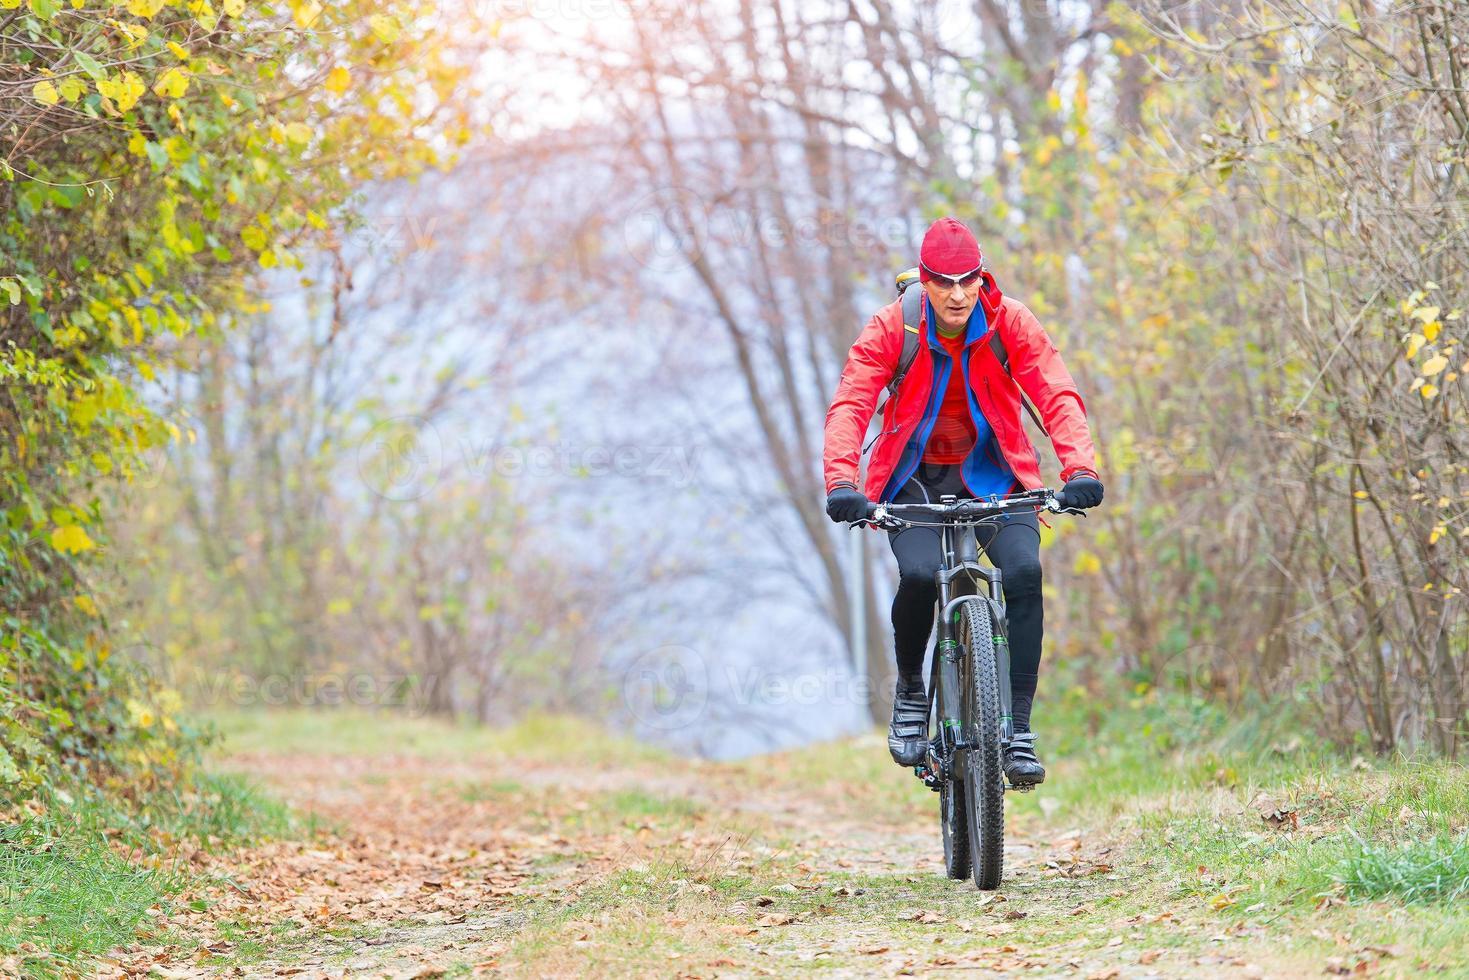 Hombre deportivo se relaja pedaleando una bicicleta de montaña en el bosque foto